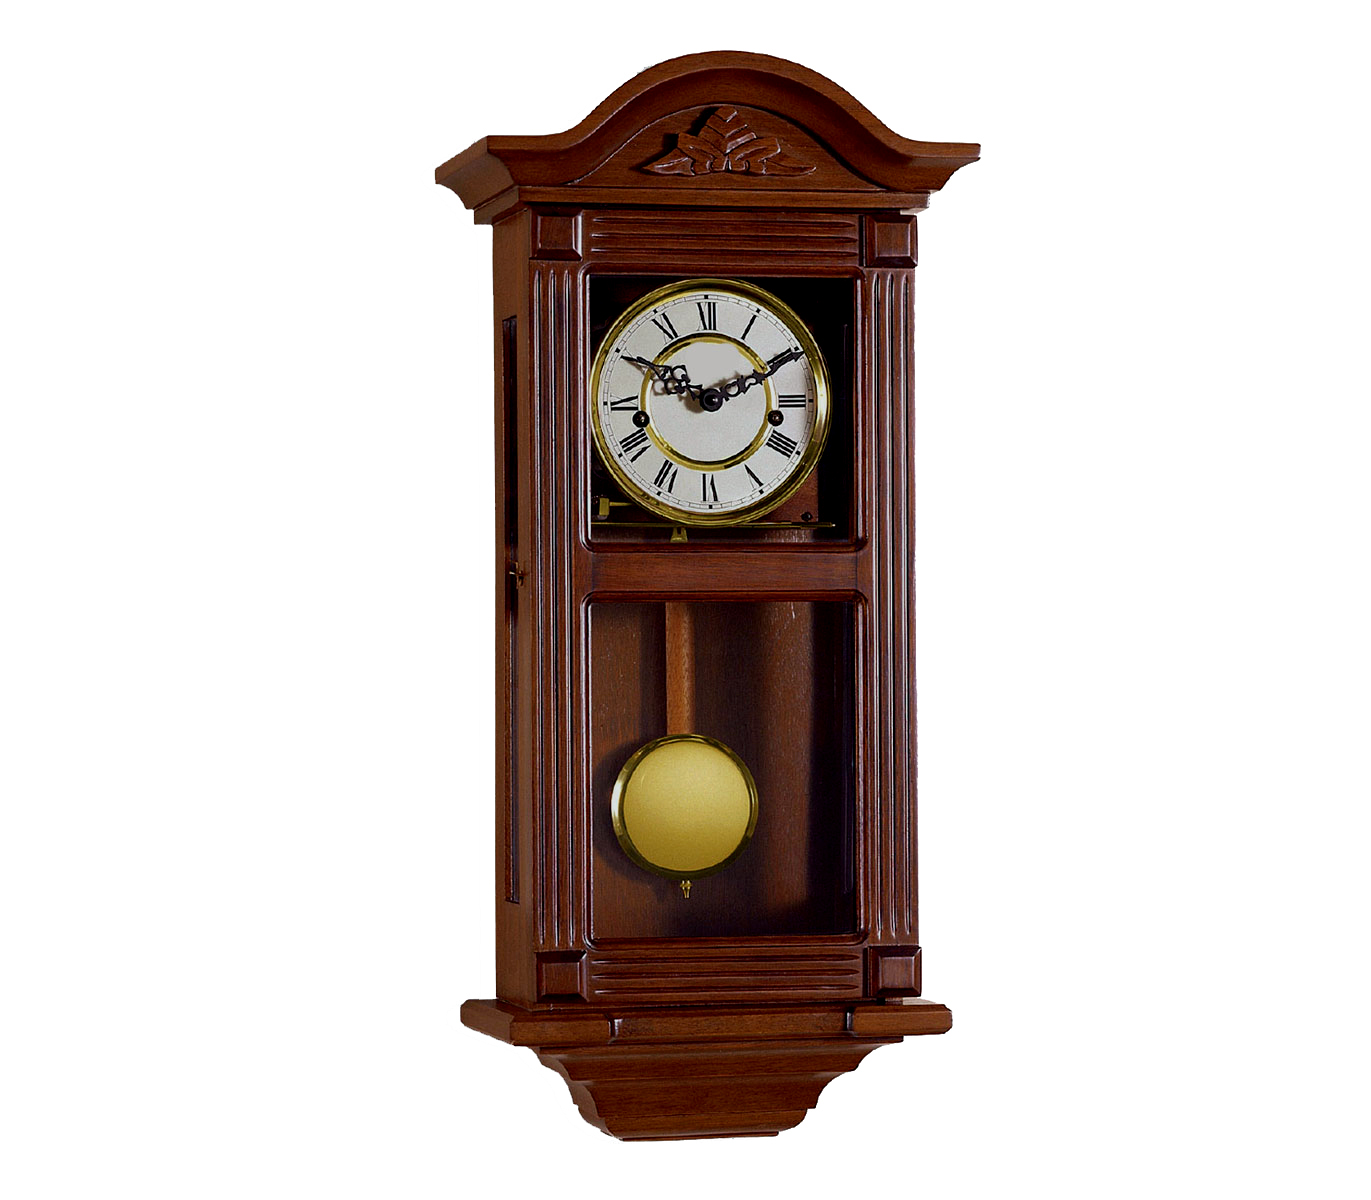 Reloj de pendulo de pared mec nico 66 cm alta calidad - Reloj de pared gigante ...